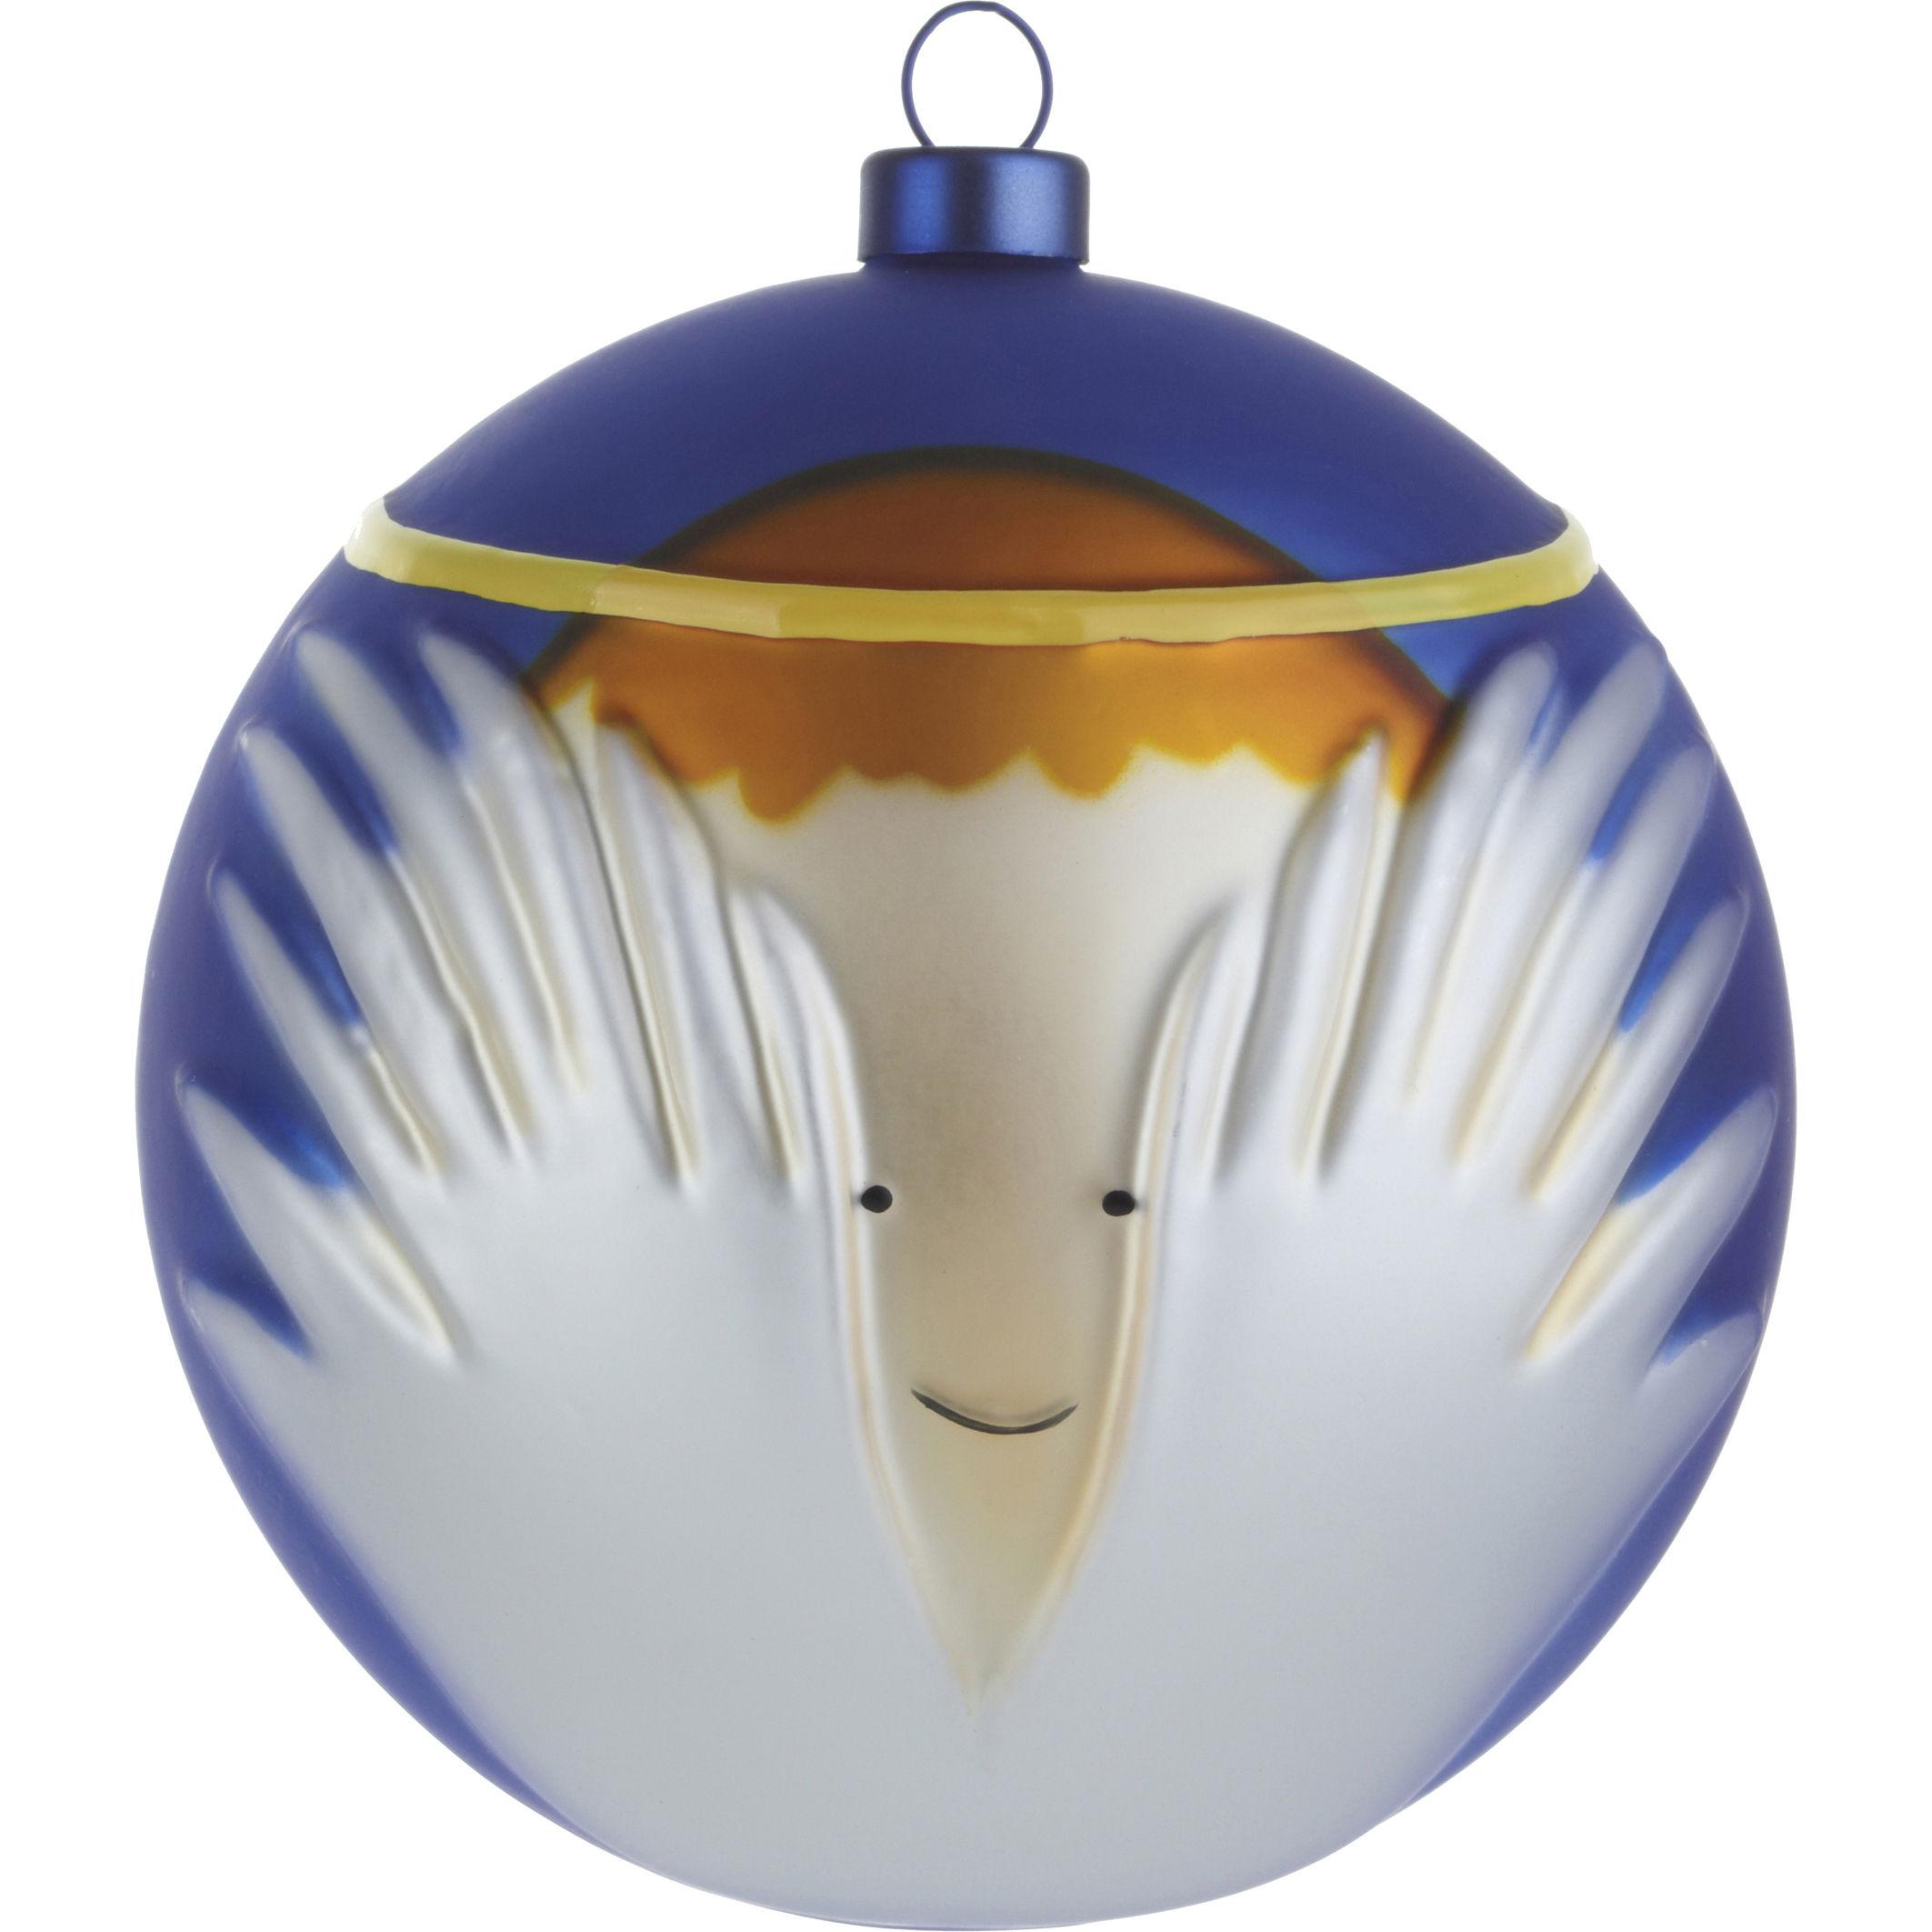 Déco - Objets déco et cadres-photos - Boule de Noël Angioletto / Ange - A di Alessi - Ange / Multicolore - Verre soufflé bouche